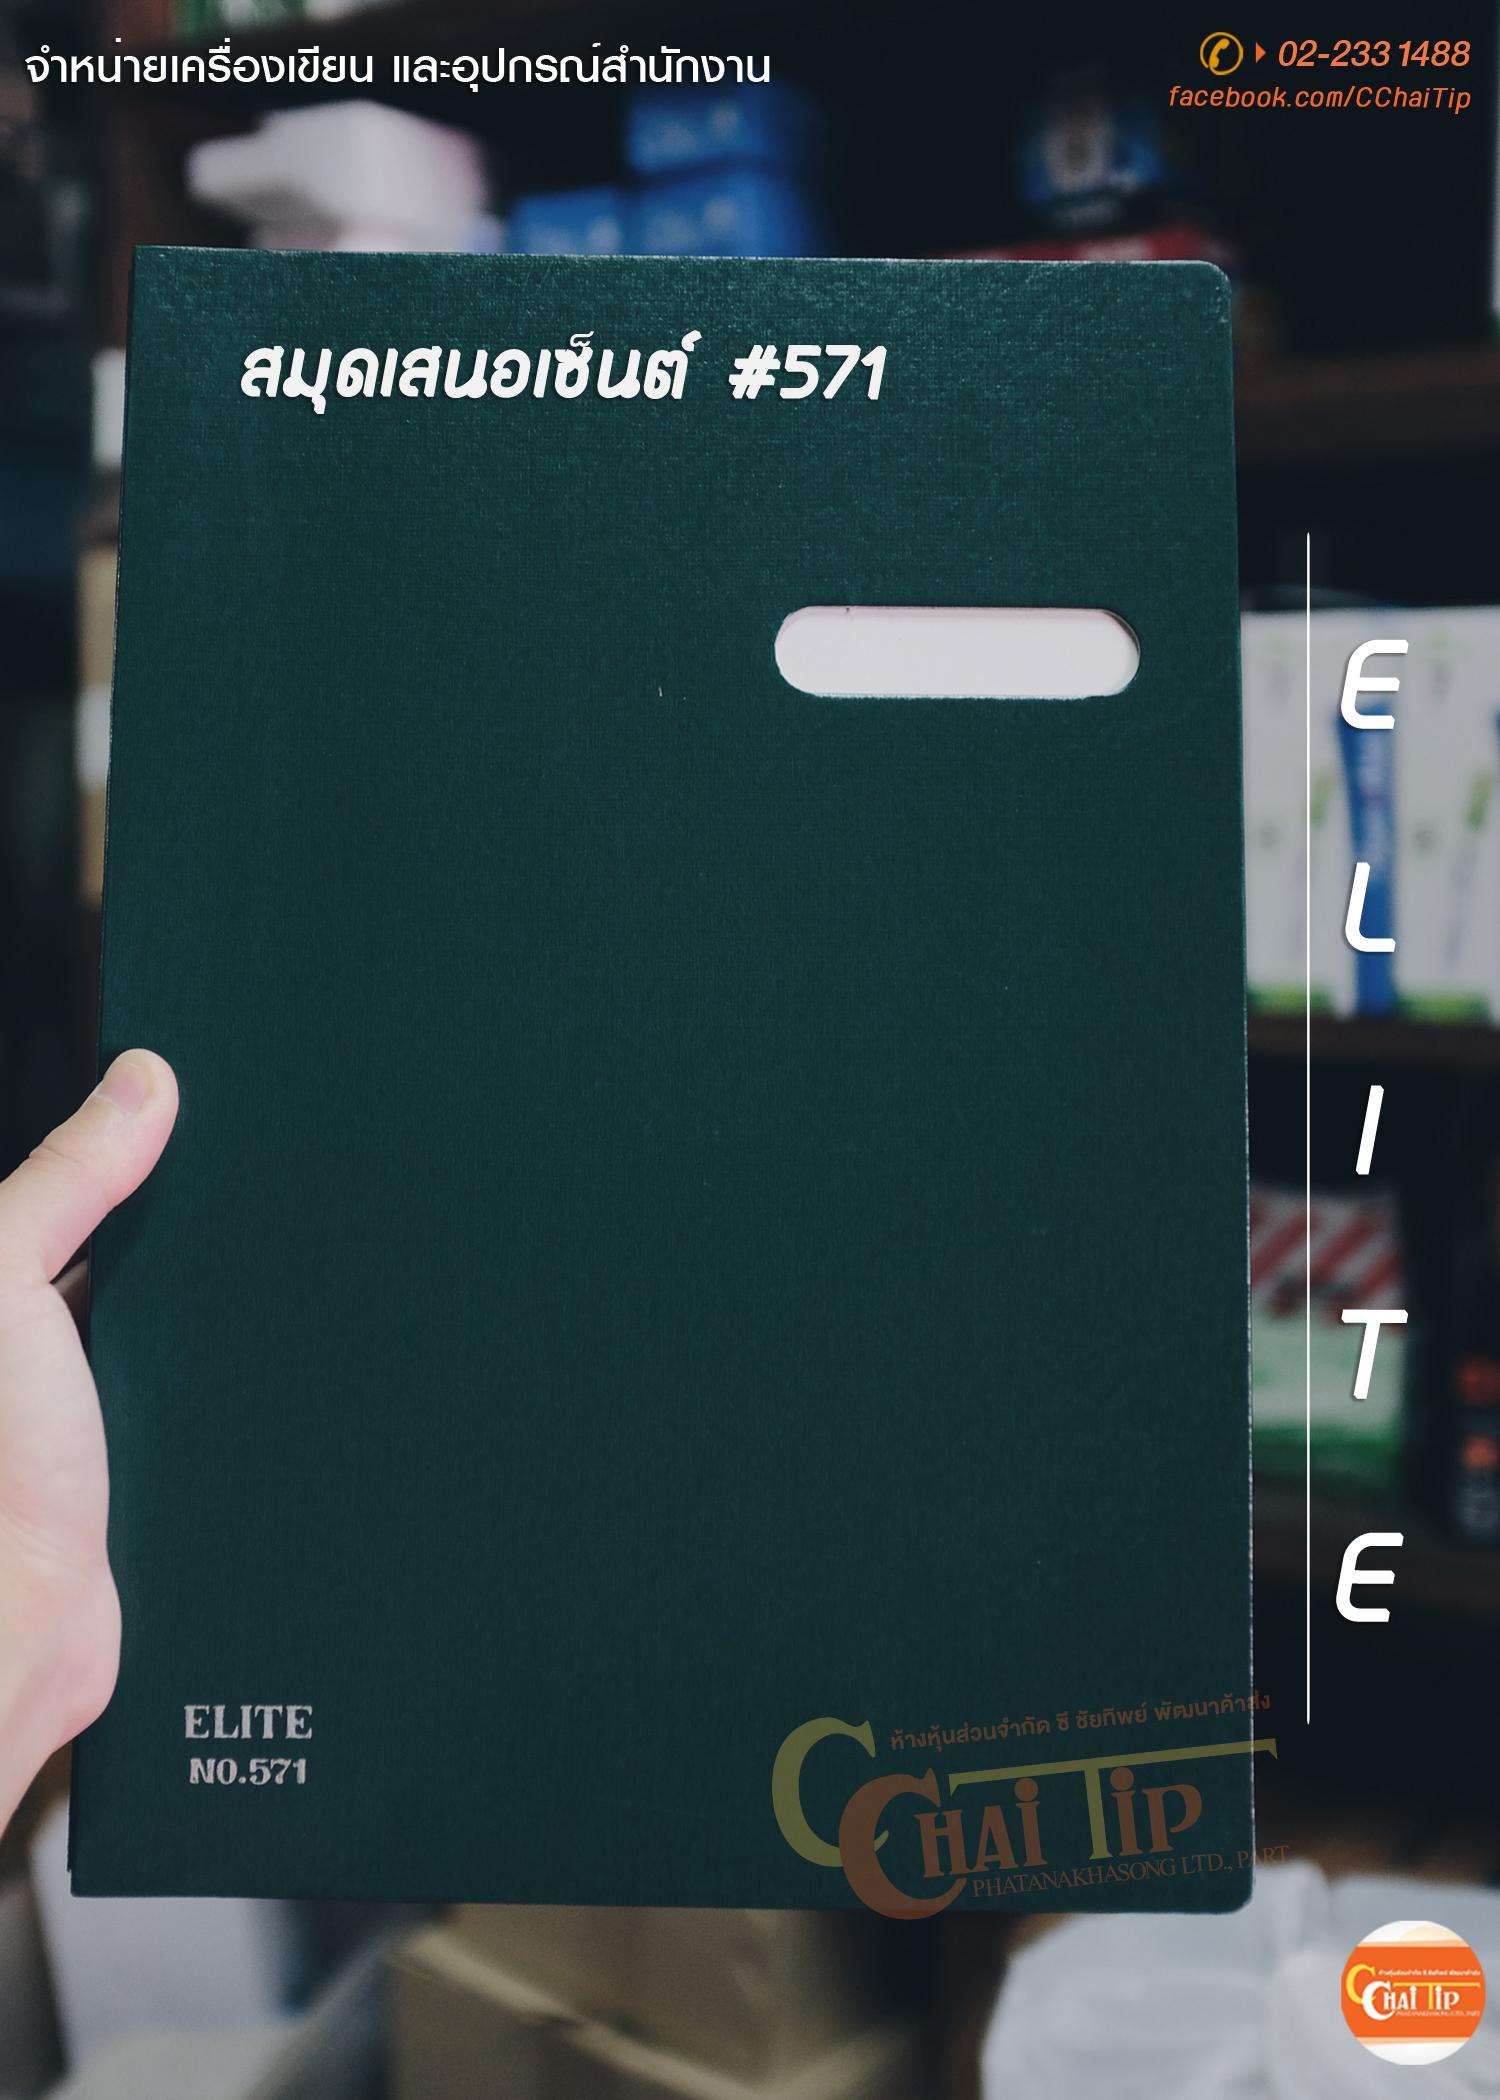 สมุดเสนอเซ็นต์ ELITE No.571